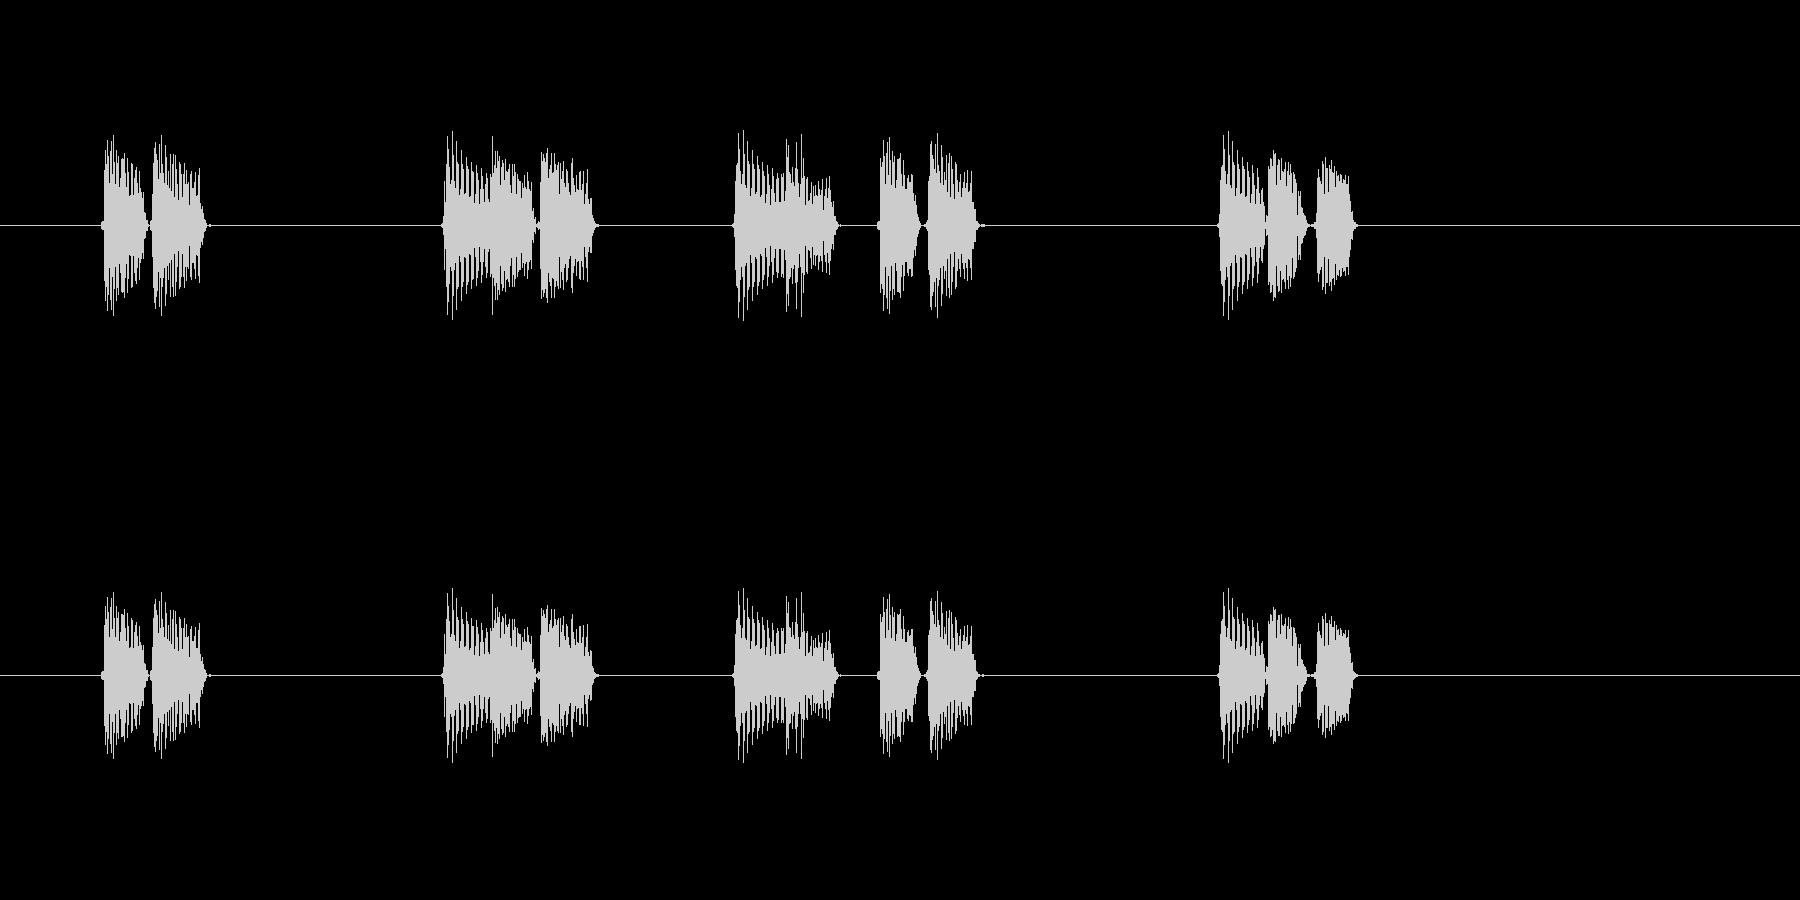 近未来やロボット感のあるシンセサウンドの未再生の波形